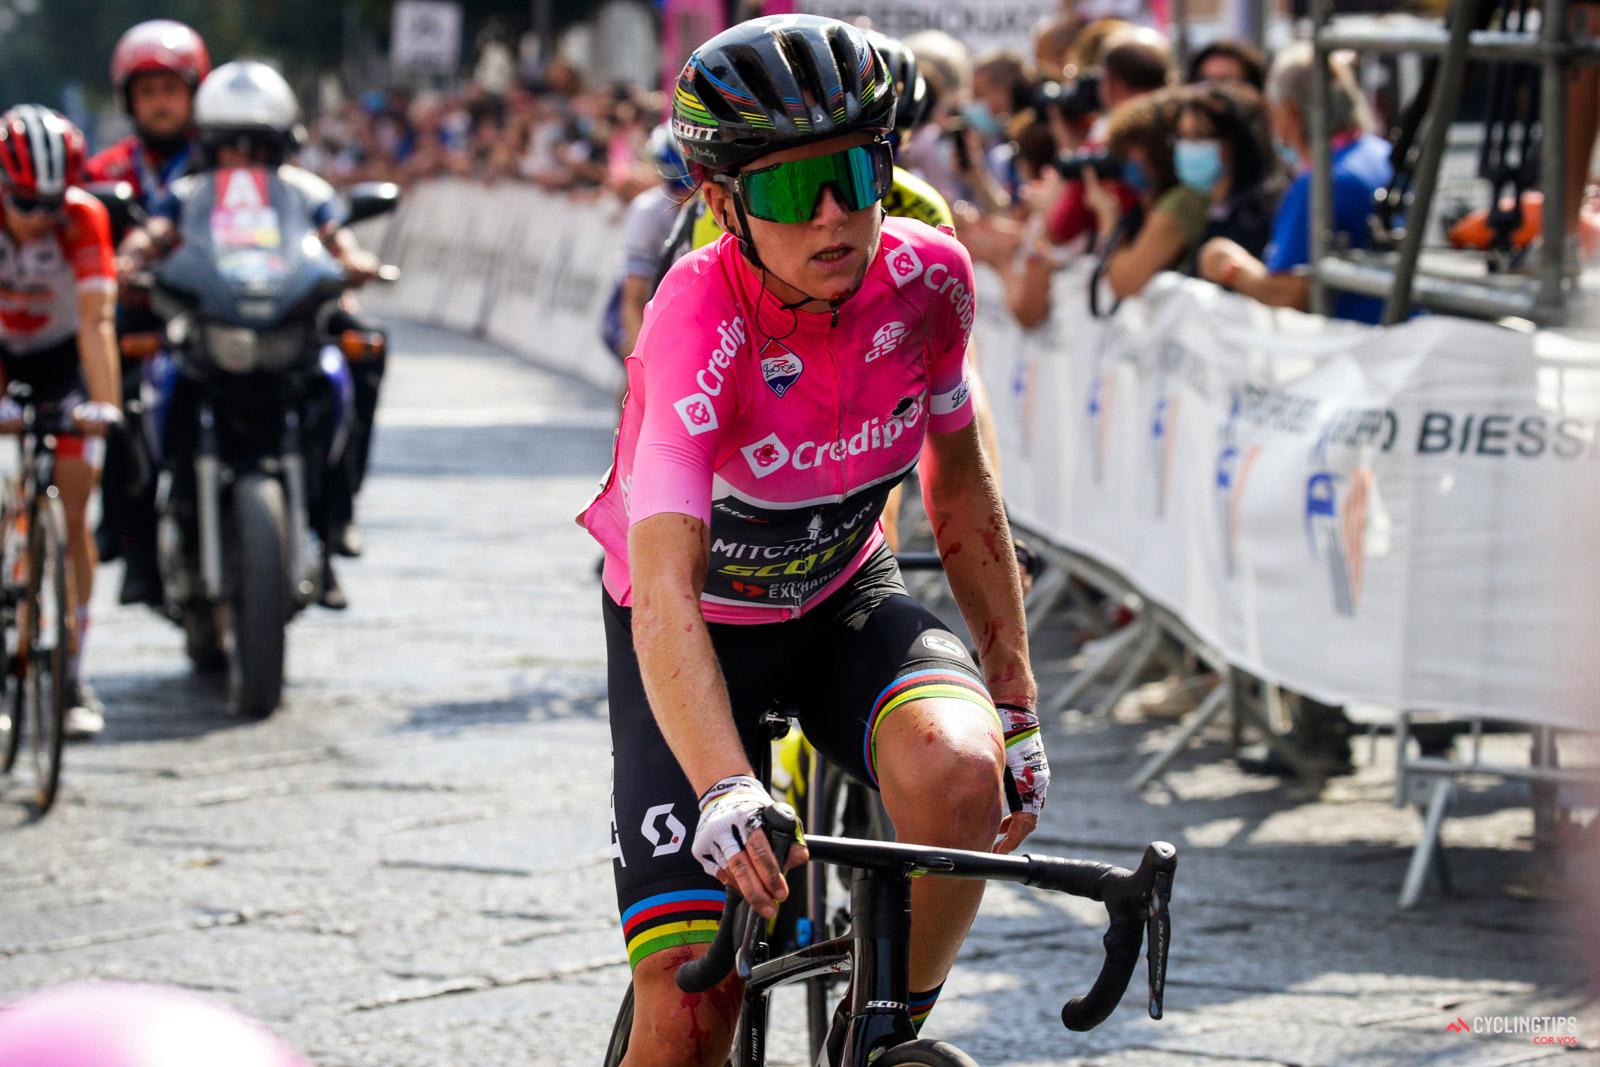 Luta pela geral reaberta no Giro Rosa!